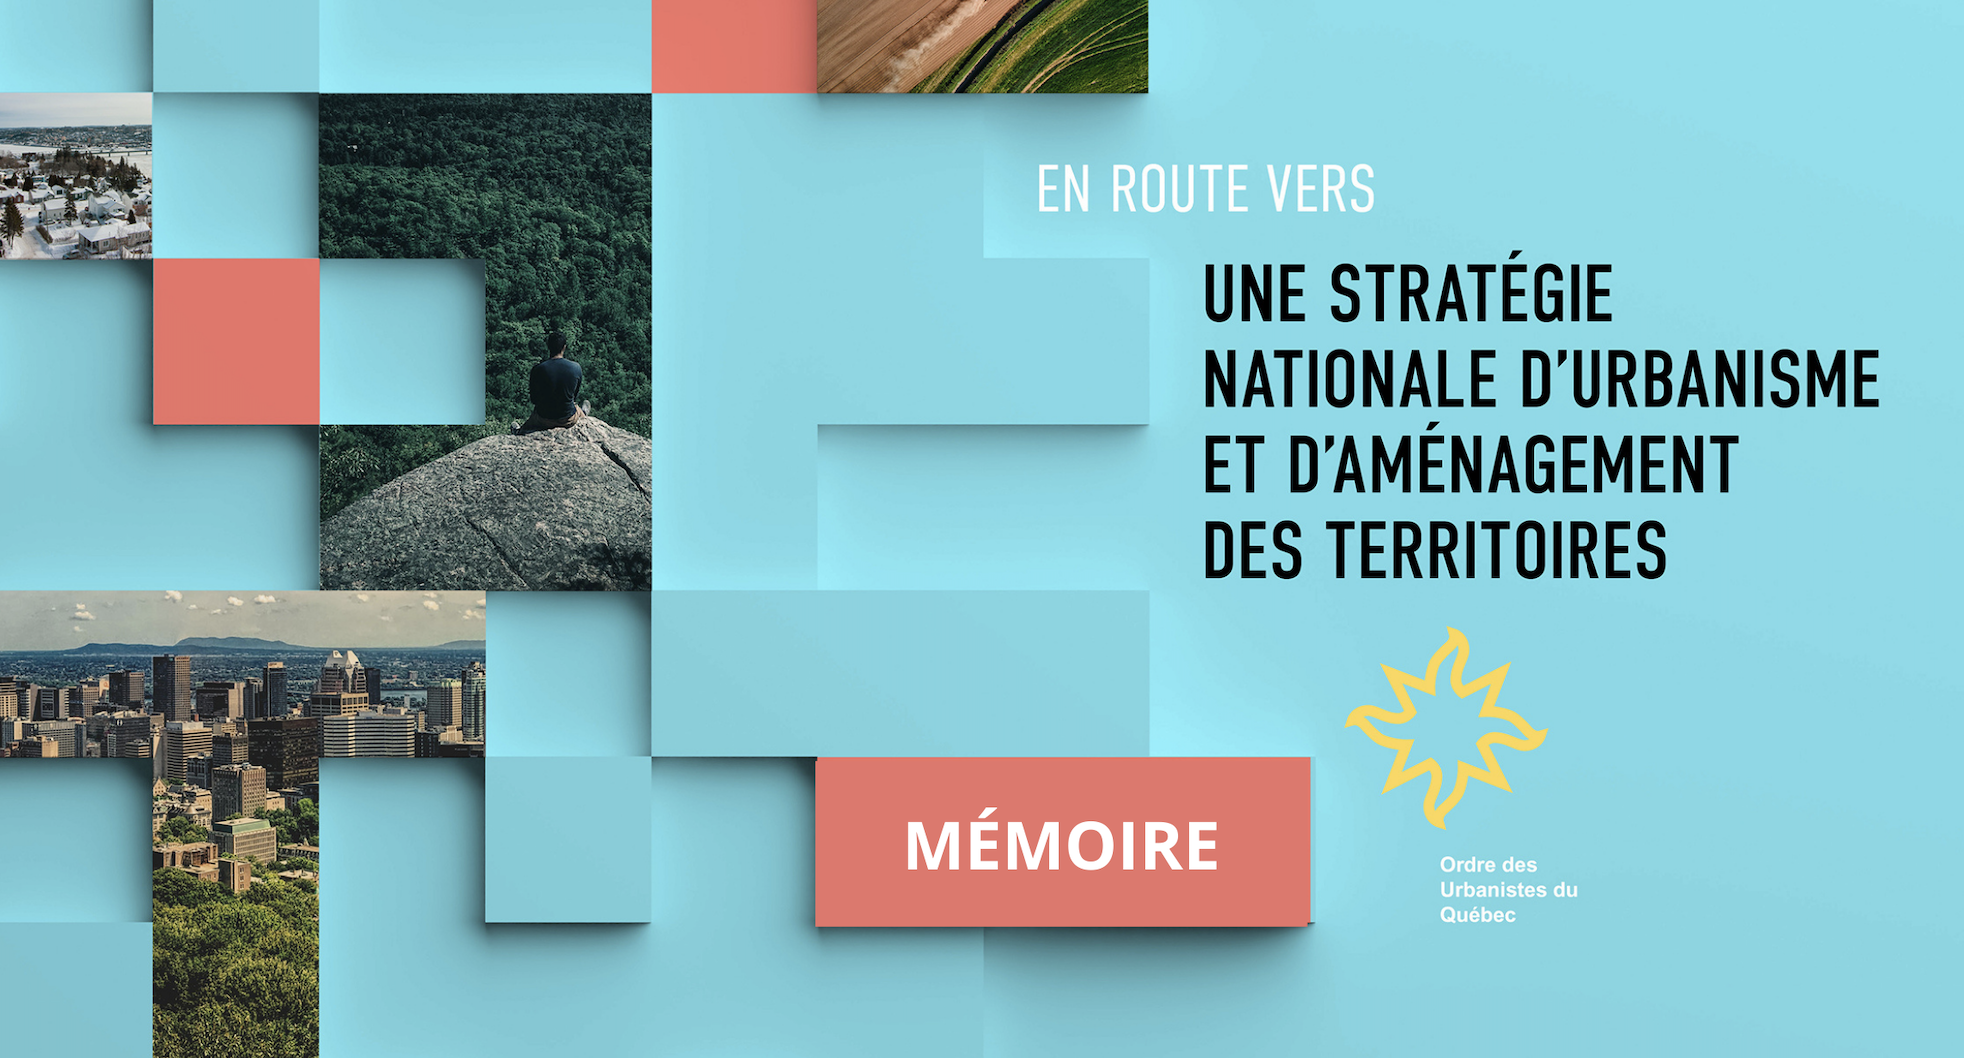 OUQ - Stratégie nationale : l'Ordre dépose son mémoire pour une vision exemplaire et ambitieuse